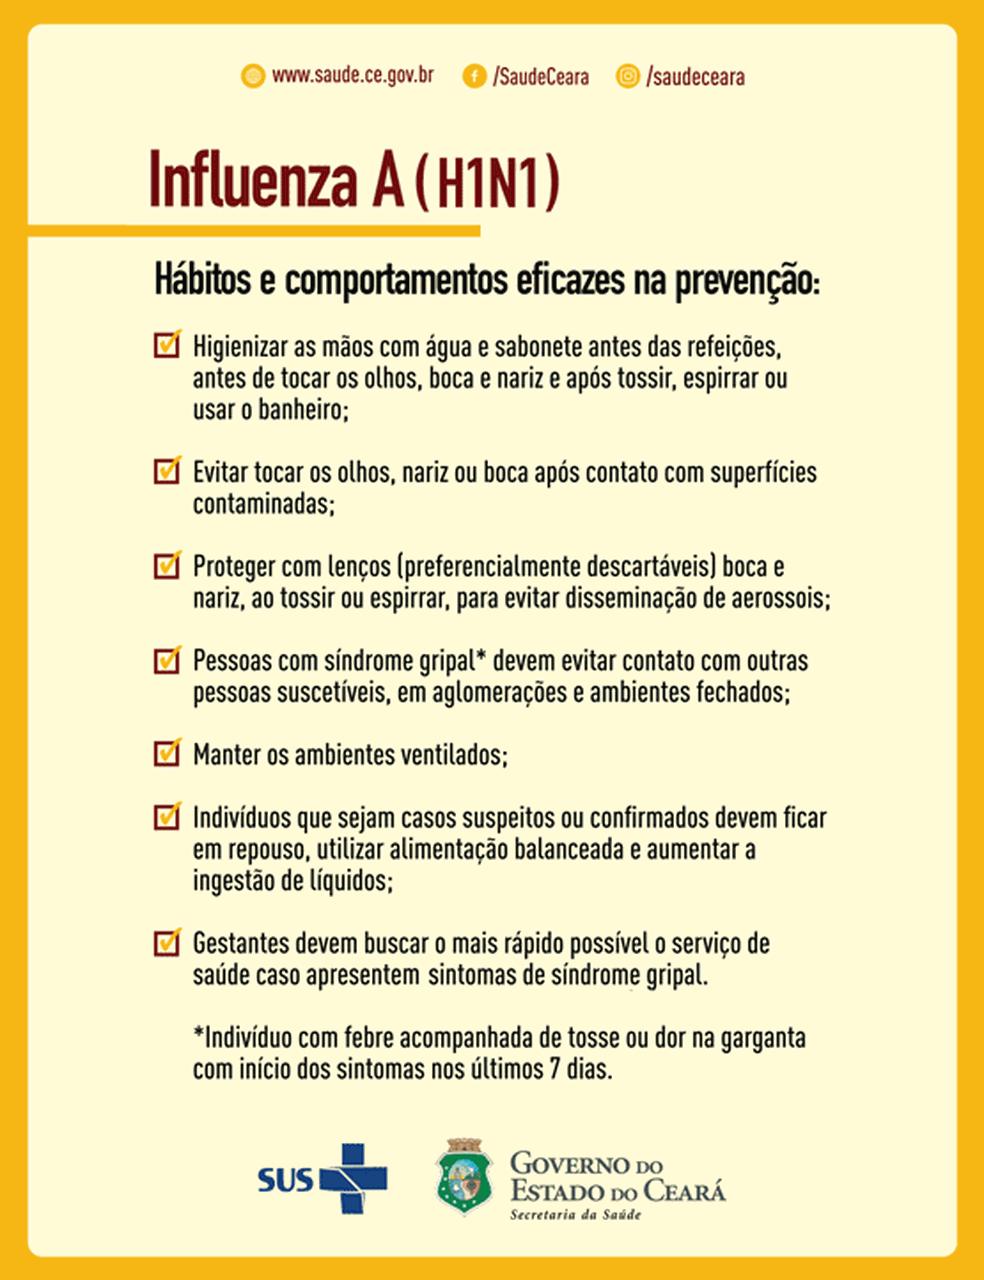 Cuidados para evitar propagação do vírus influenza (Foto: Secretaria de Saúde do Ceará)